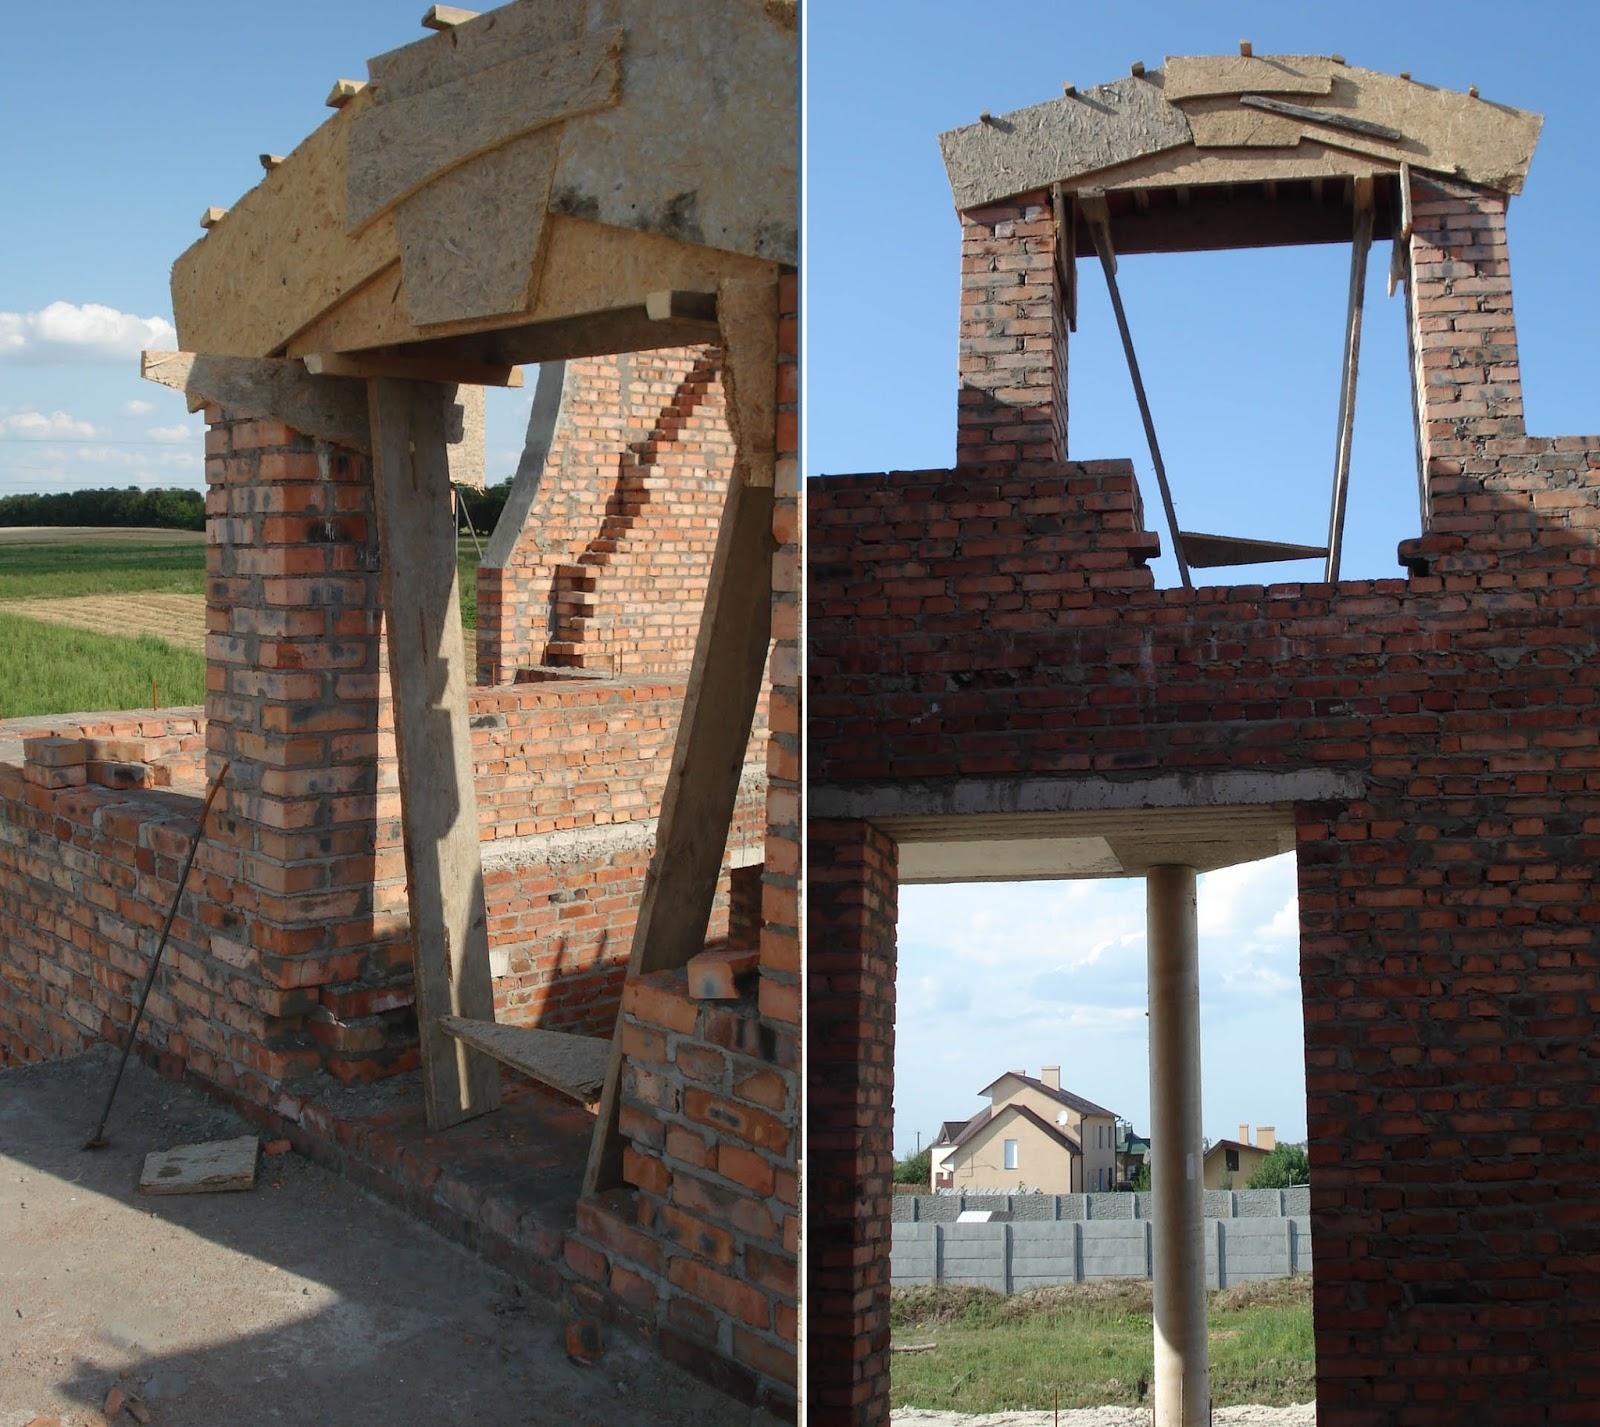 Влаштування монолітної балки над вікном другого рівня. Як видно з фото в процесі будівництва було прийняте рішення розширити пройом.